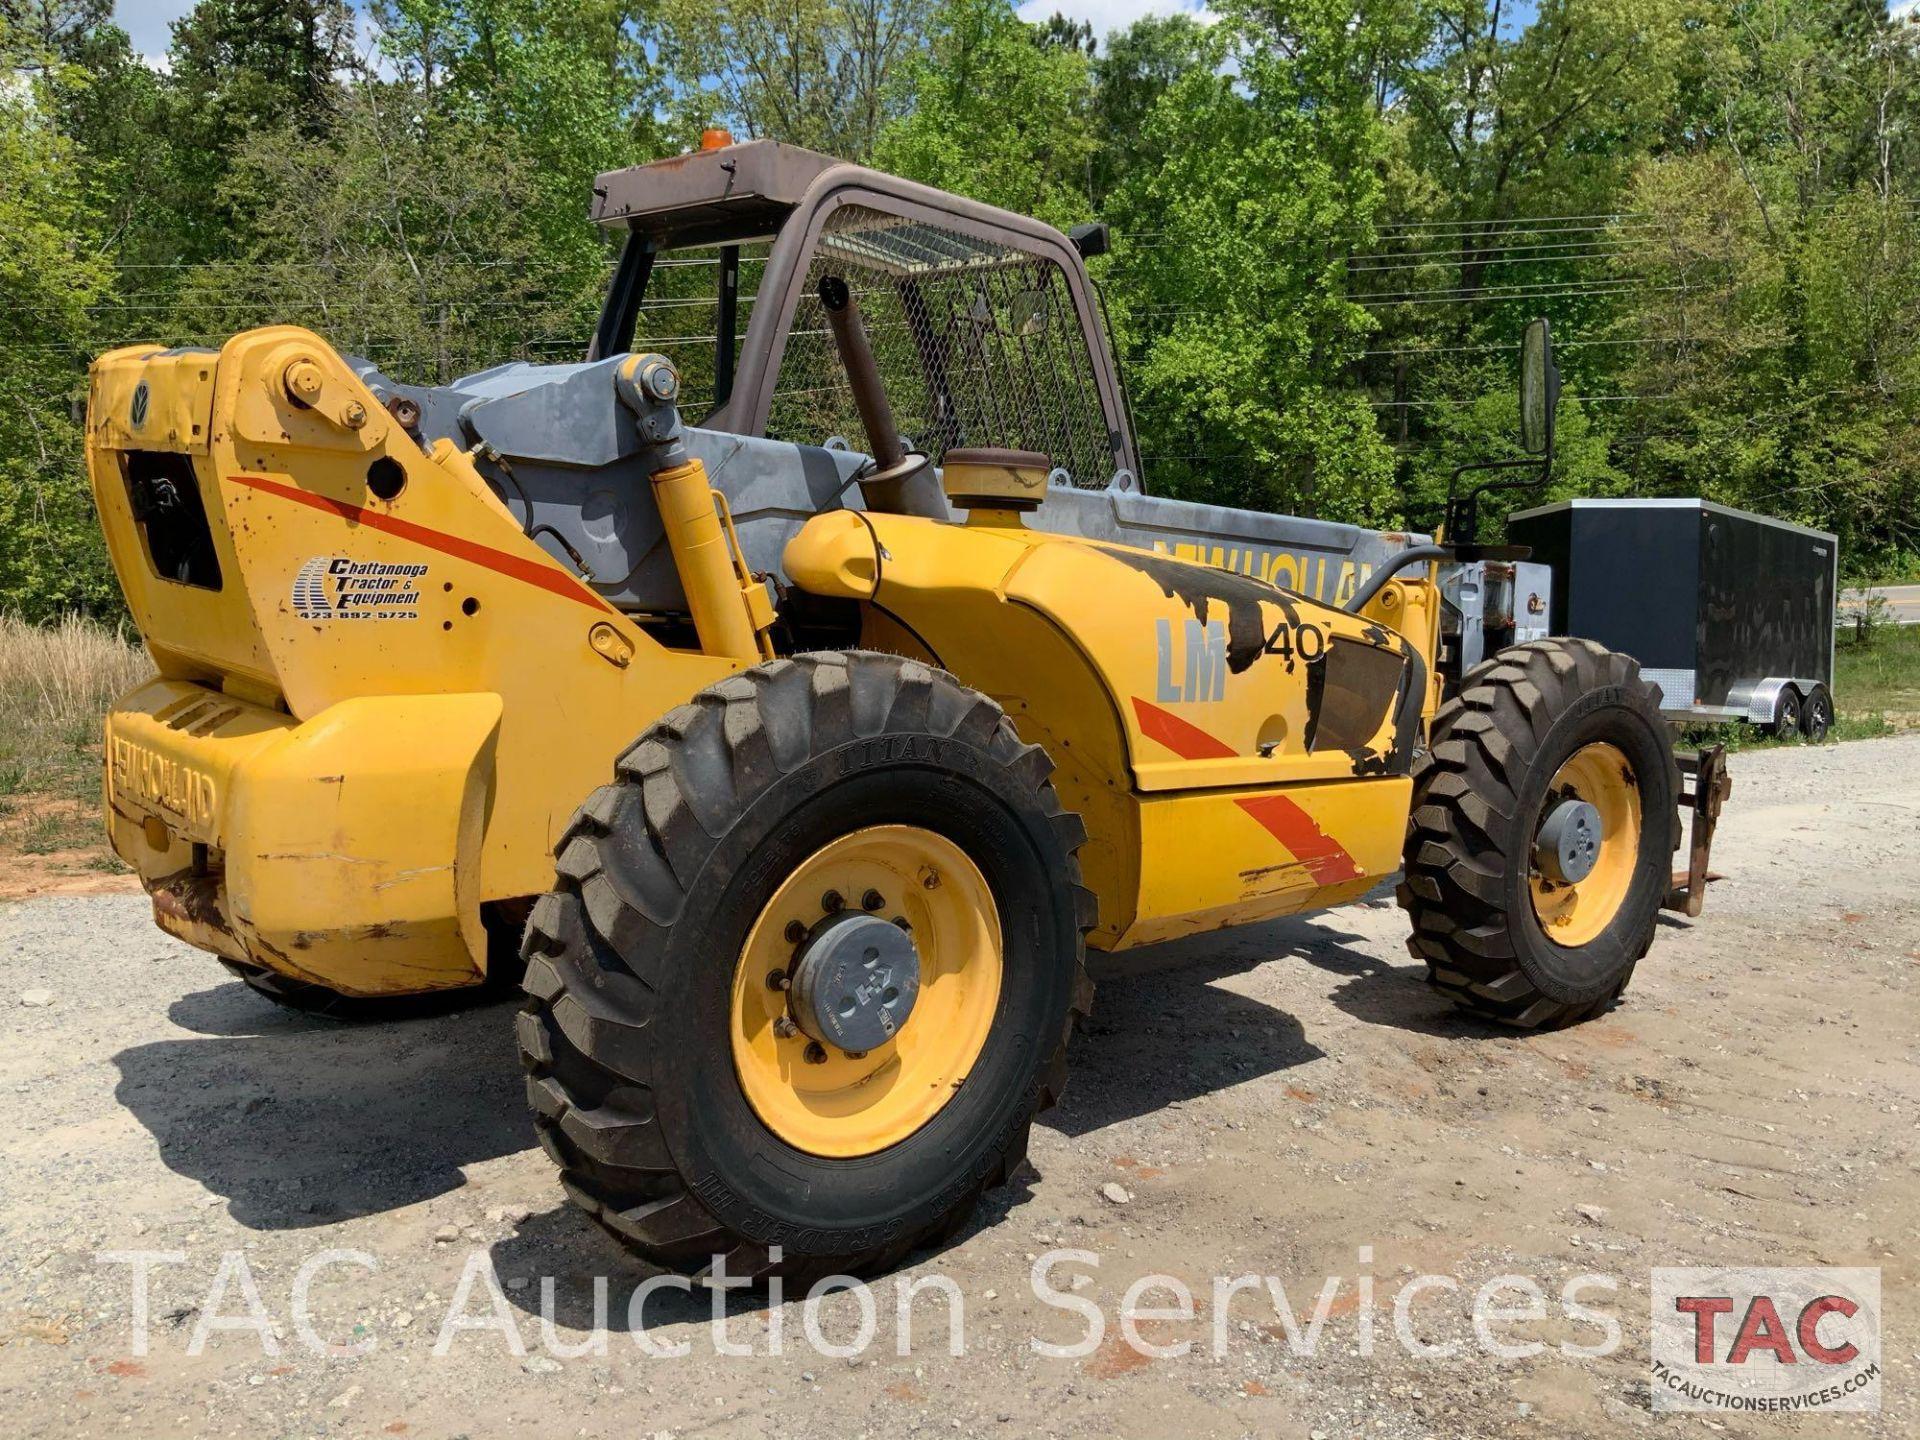 1999 New Holland LM840 Telehandler Forklift - Image 6 of 25